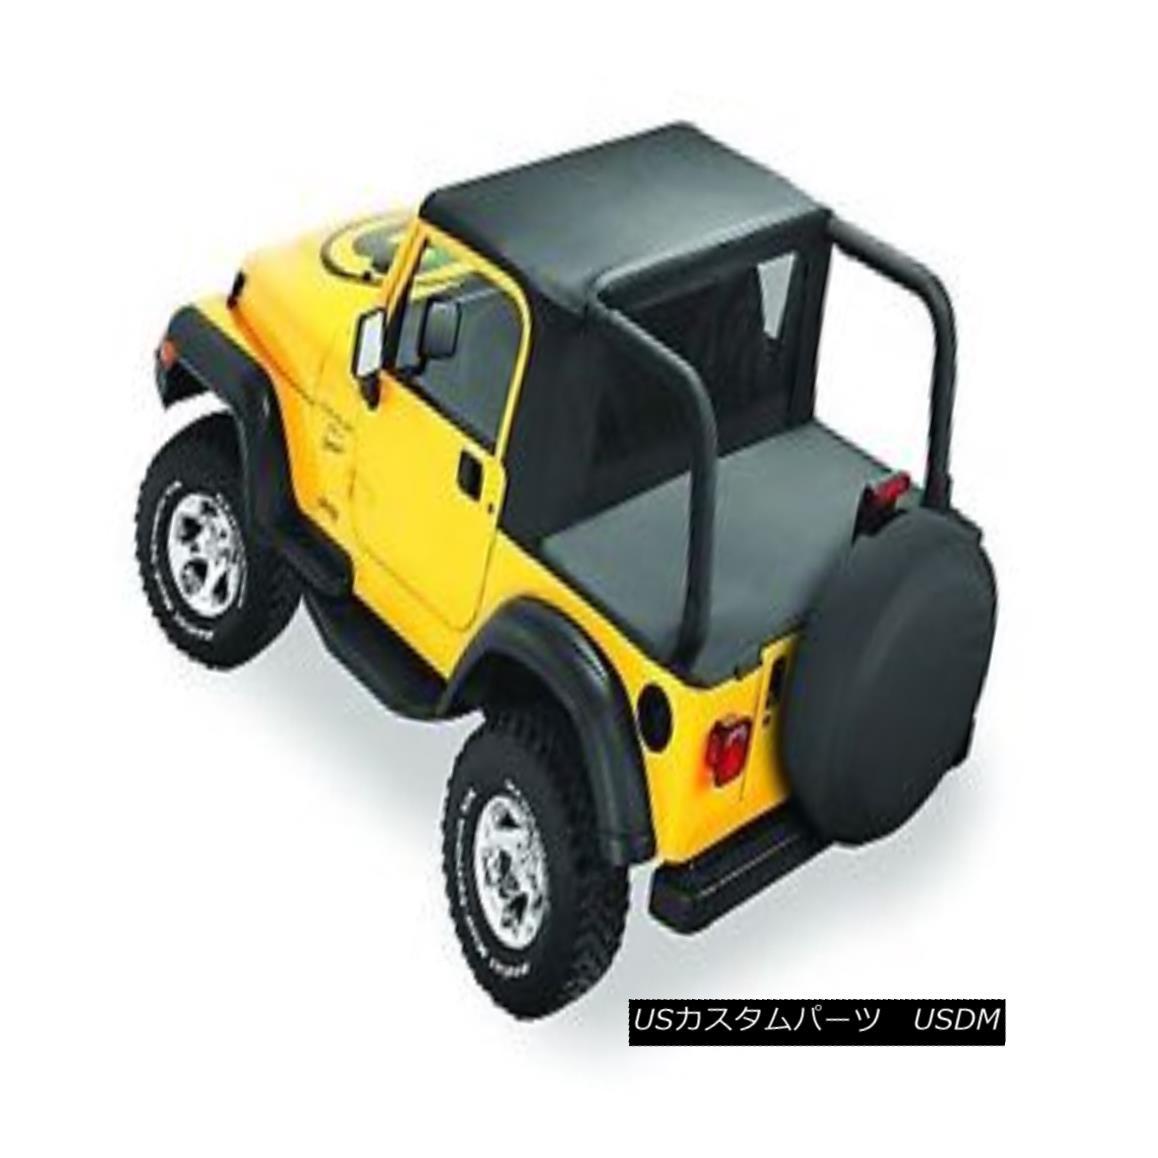 幌・ソフトトップ Bestop Halftop 97-02 Jeep Wrangler TJ w/ Factory Soft Top Hardware Black Denim ベストトップハーフトップ97-02ジープラングラーTJ w /ファクトリーソフトトップハードウェアブラックデニム